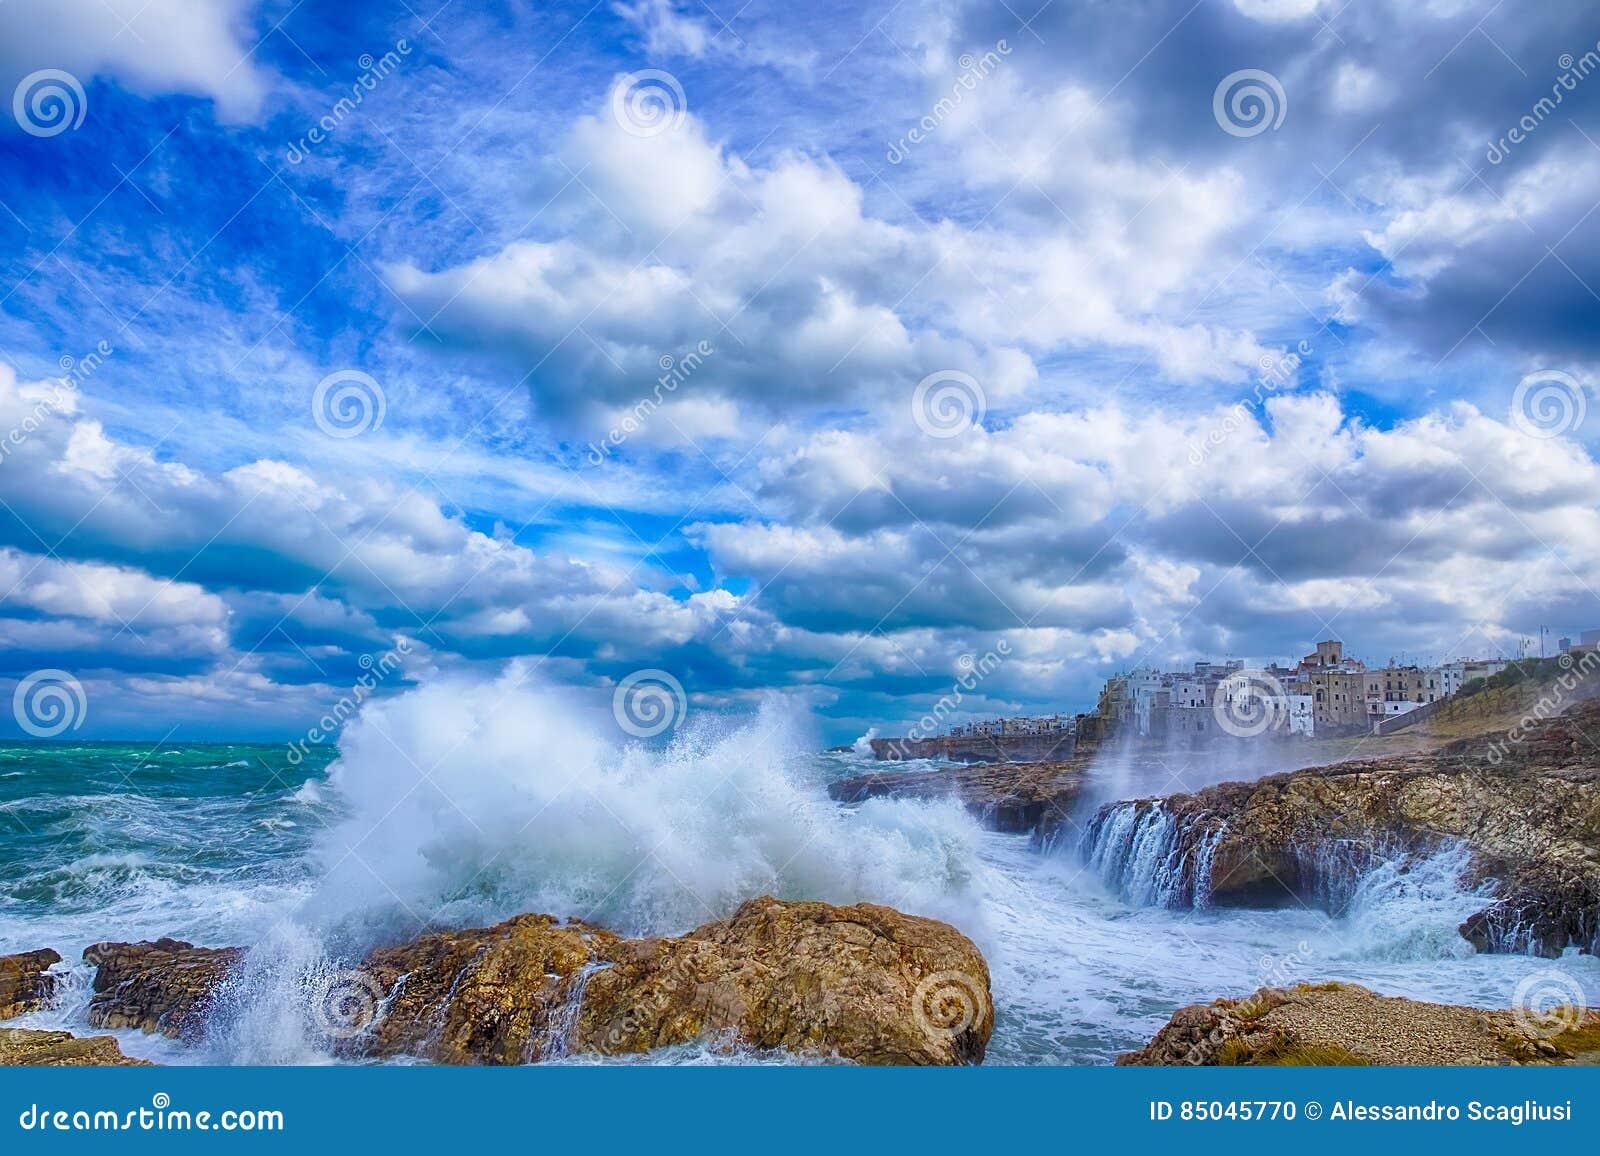 Polignano a Mare BARI, Italy sea storm: heaven on earth